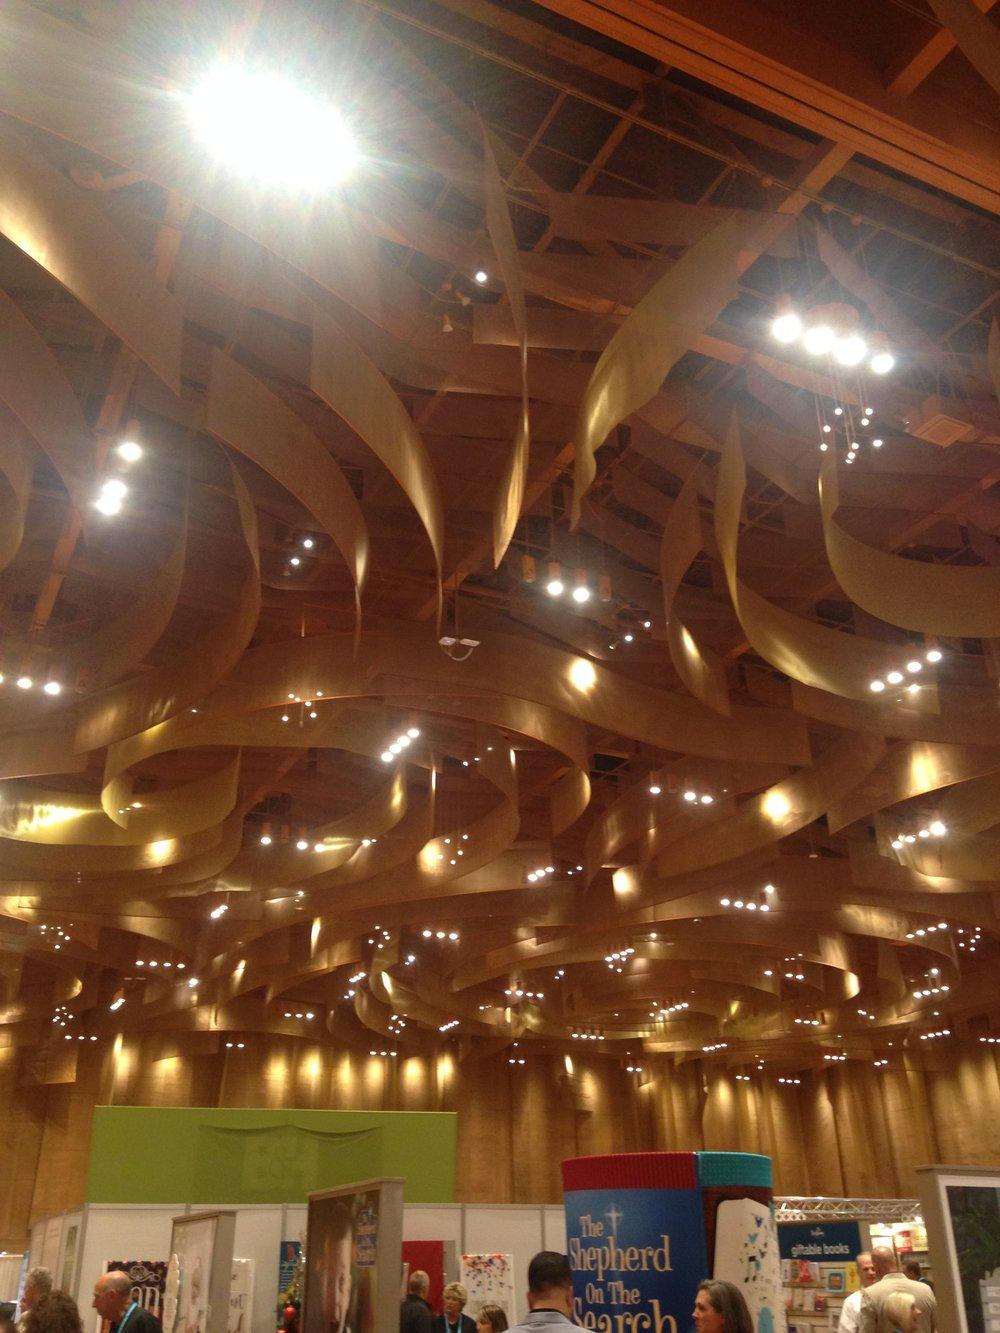 The Duke Energy Center Ballroom